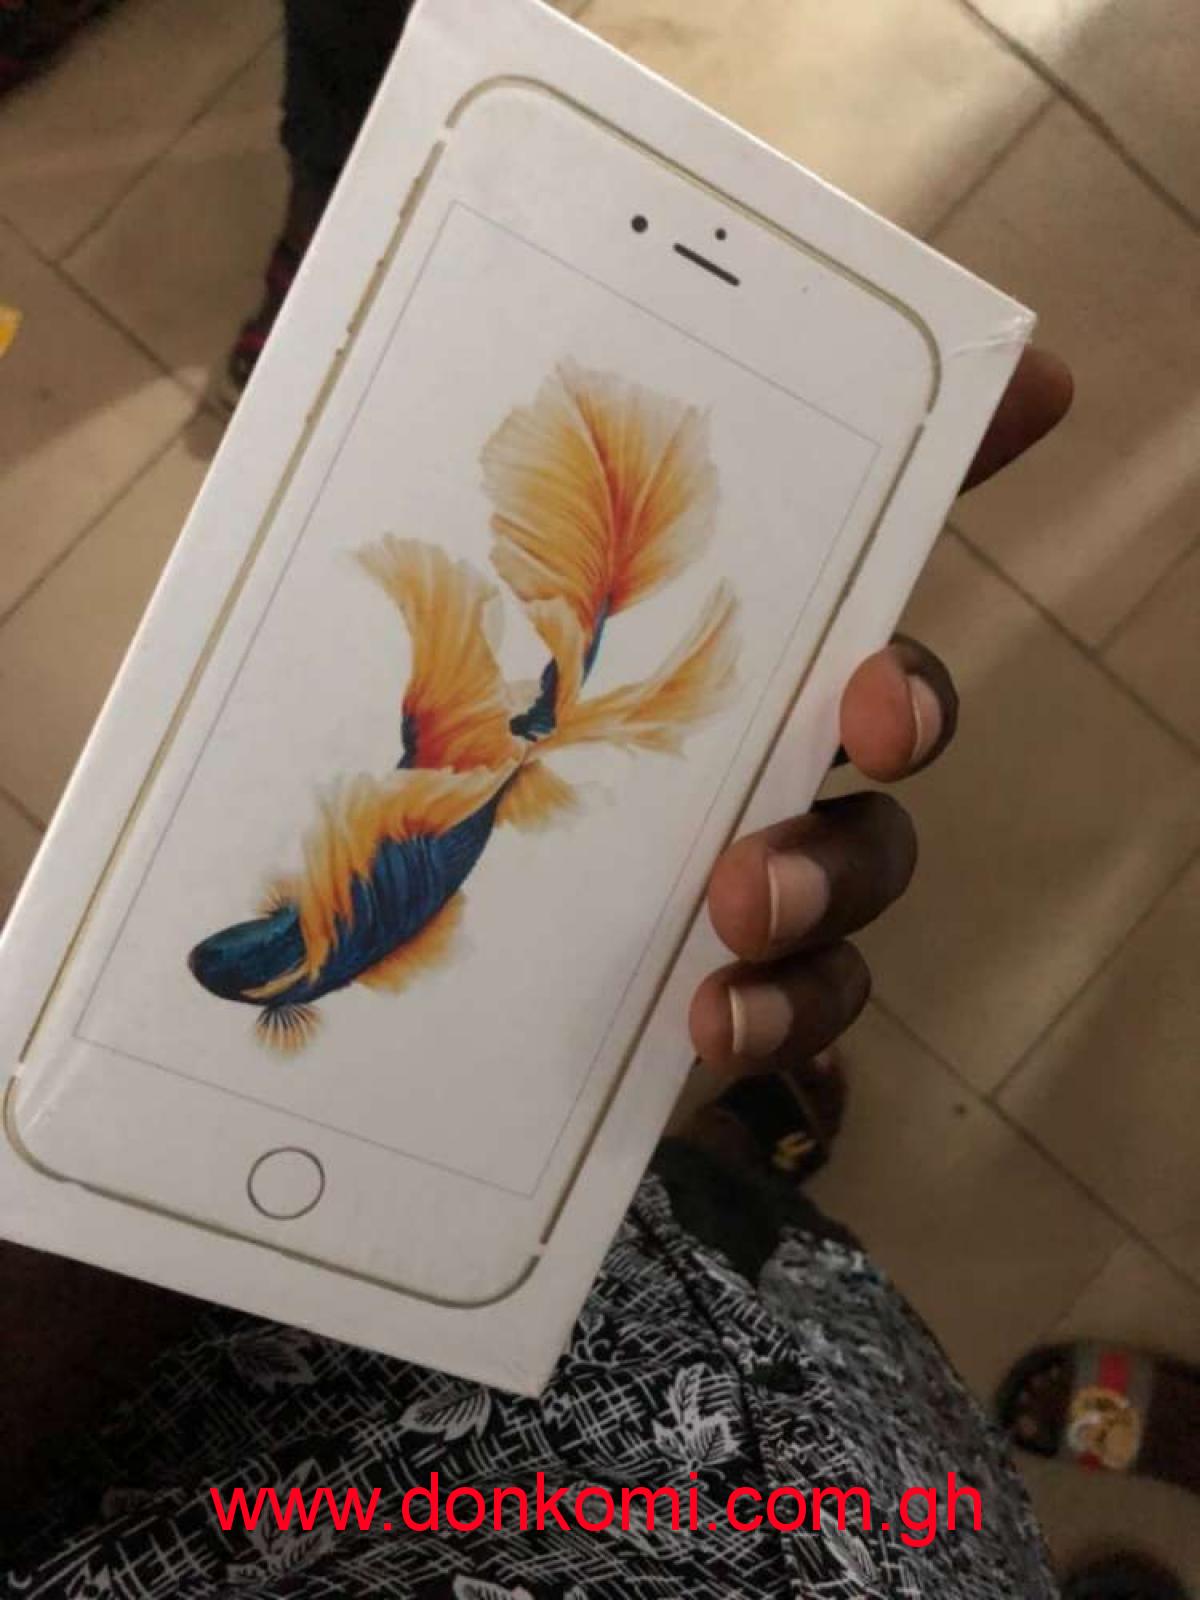 IPhone 6splus 64gig sealed in box